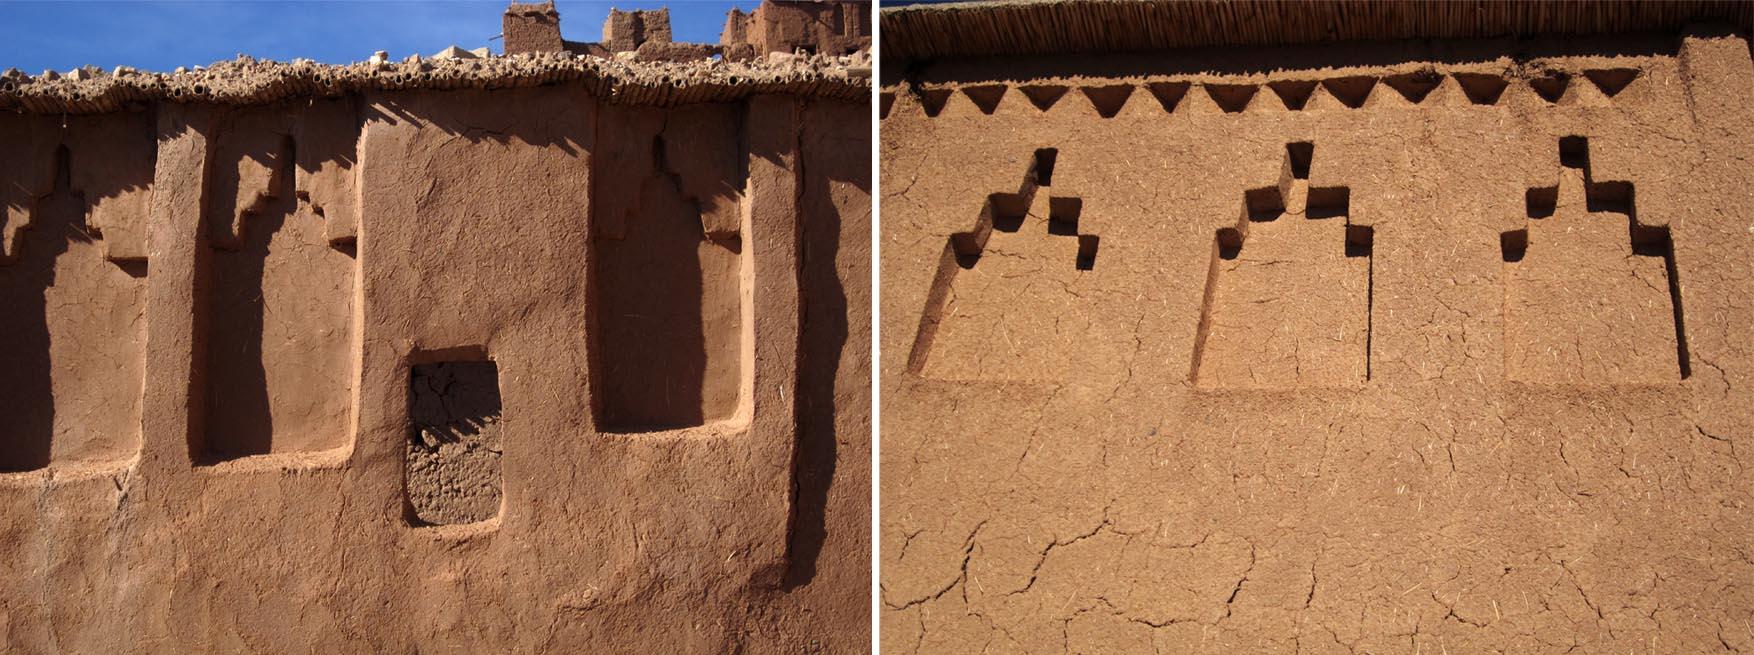 24 maroko ait ben haddou detalji